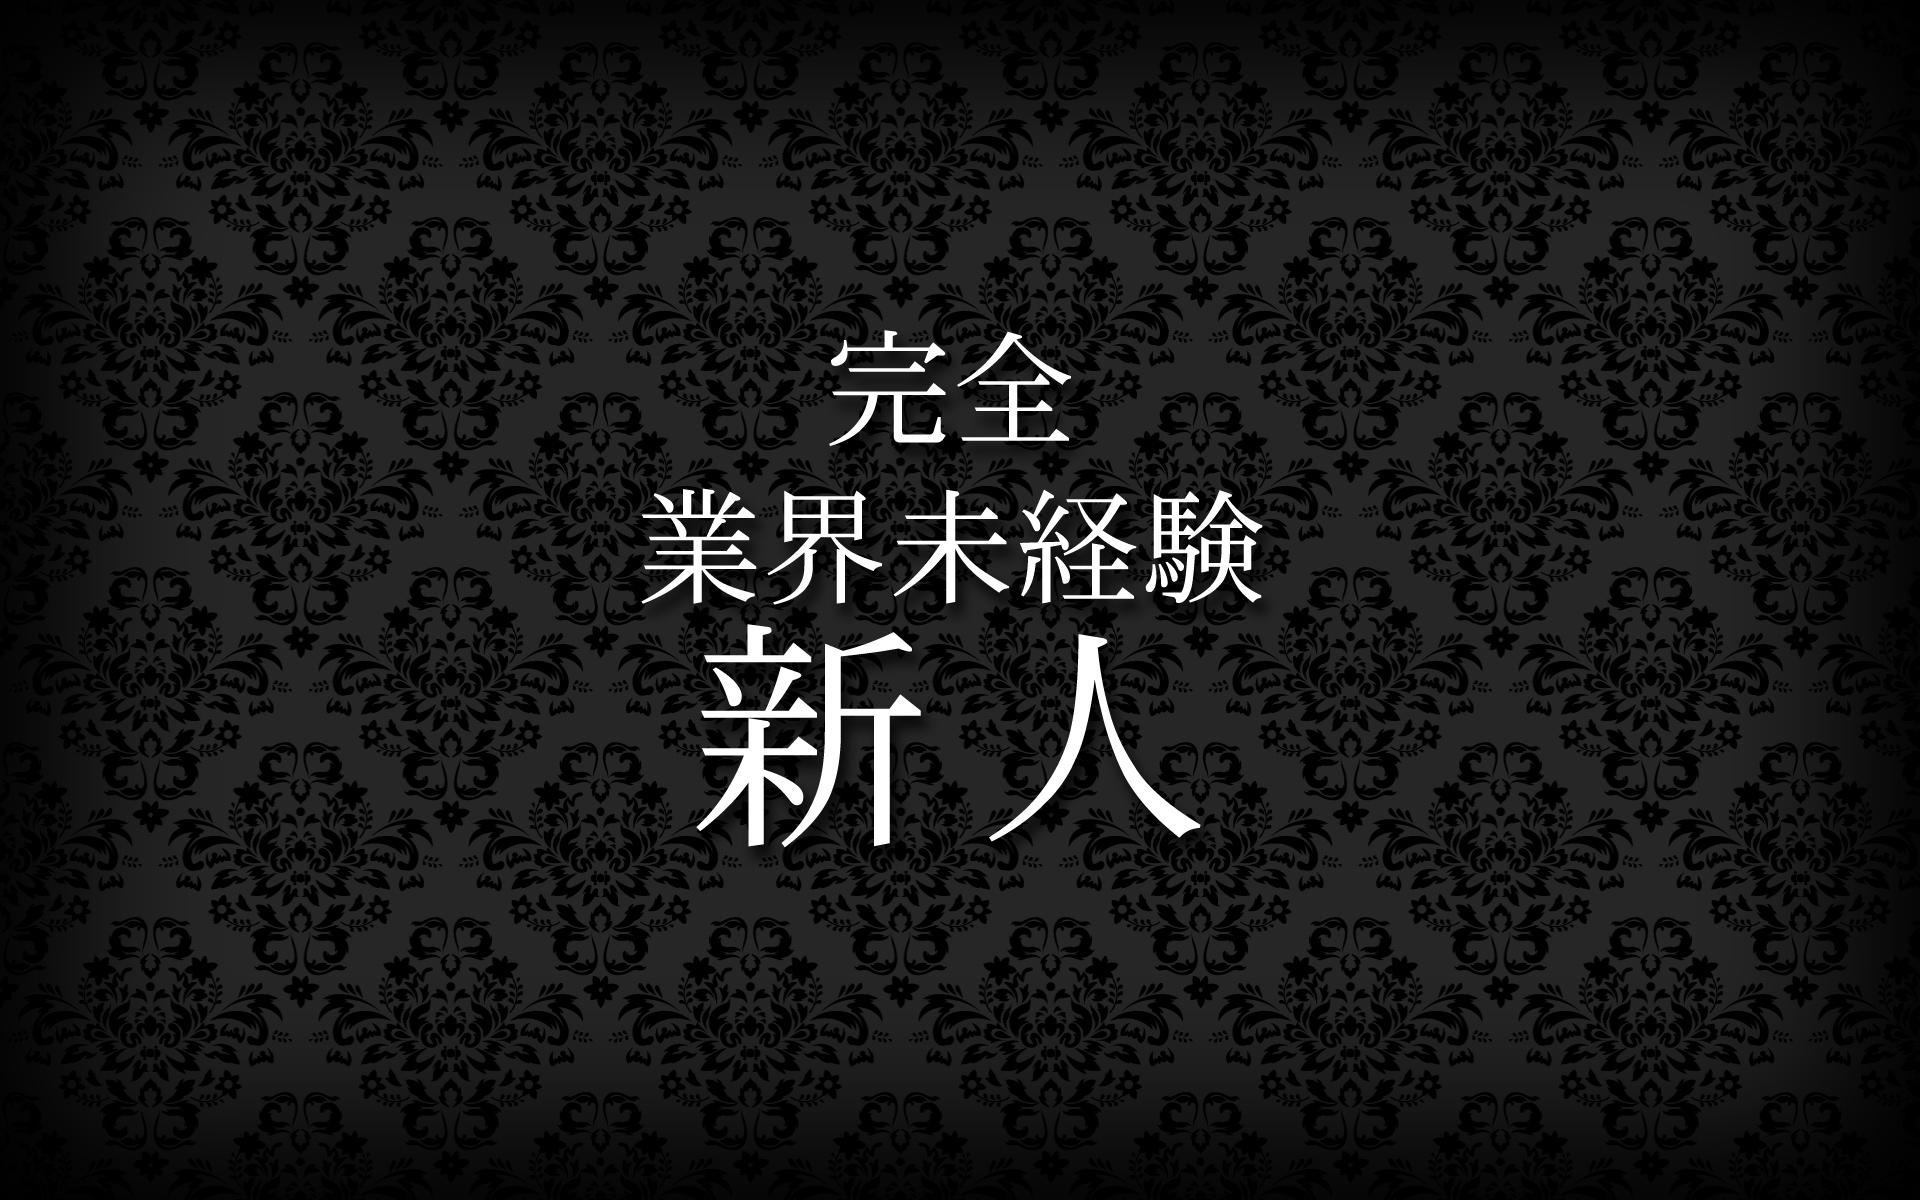 千葉風俗『秘密倶楽部 凛 千葉店』